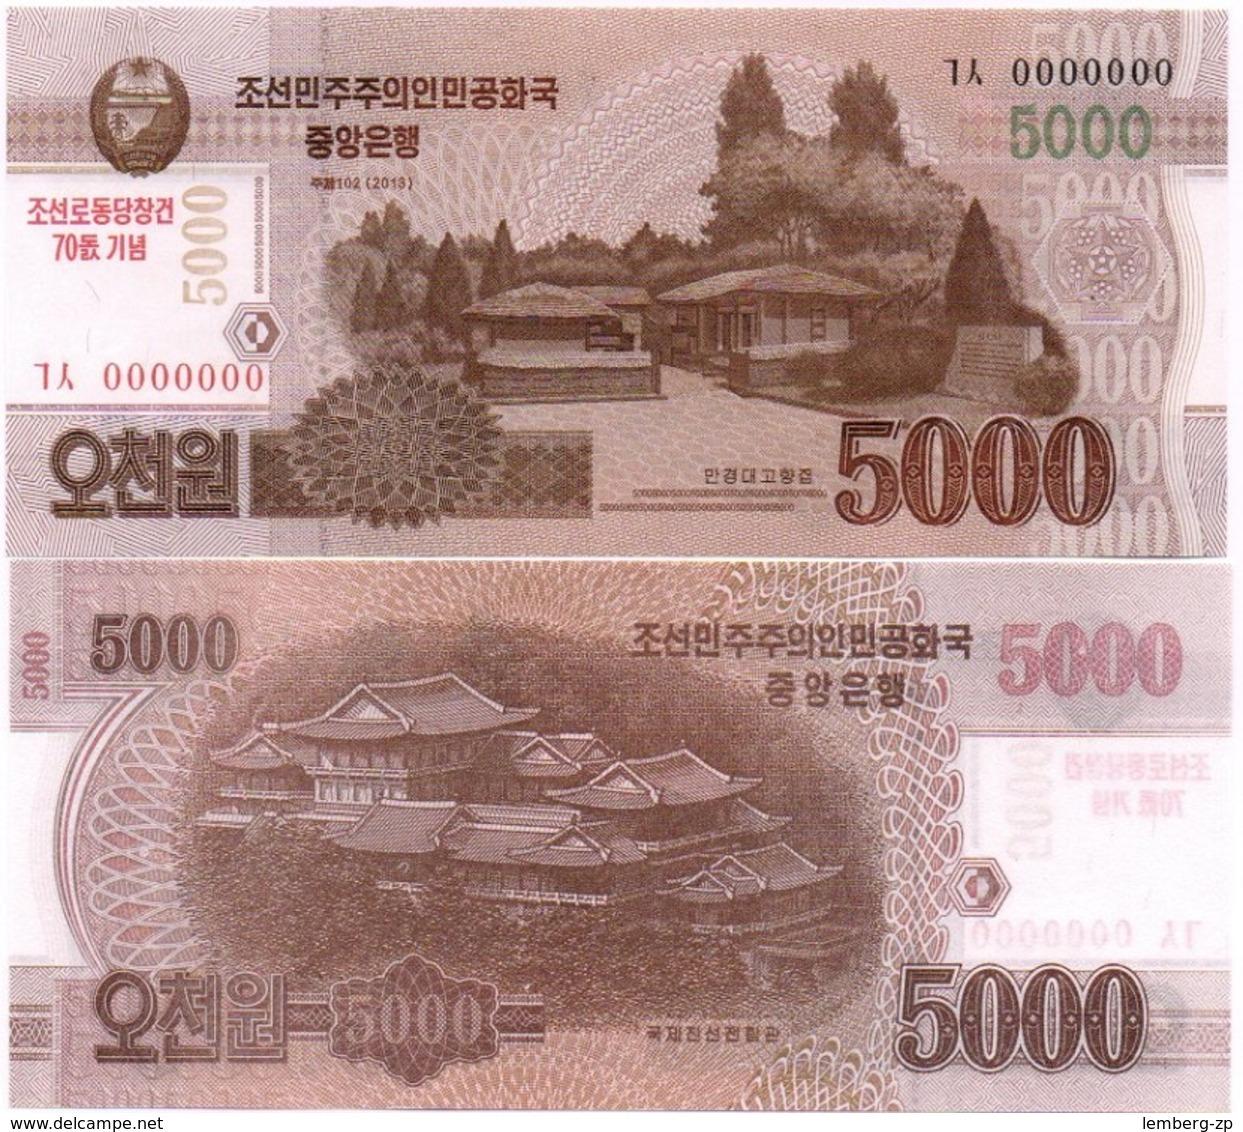 Korea North - 5 Pcs X 5000 Won 2013 / 2015 UNC 70 Years N. Korea Pick CS19 Serie 0000000 Lemberg-Zp - Corea Del Nord